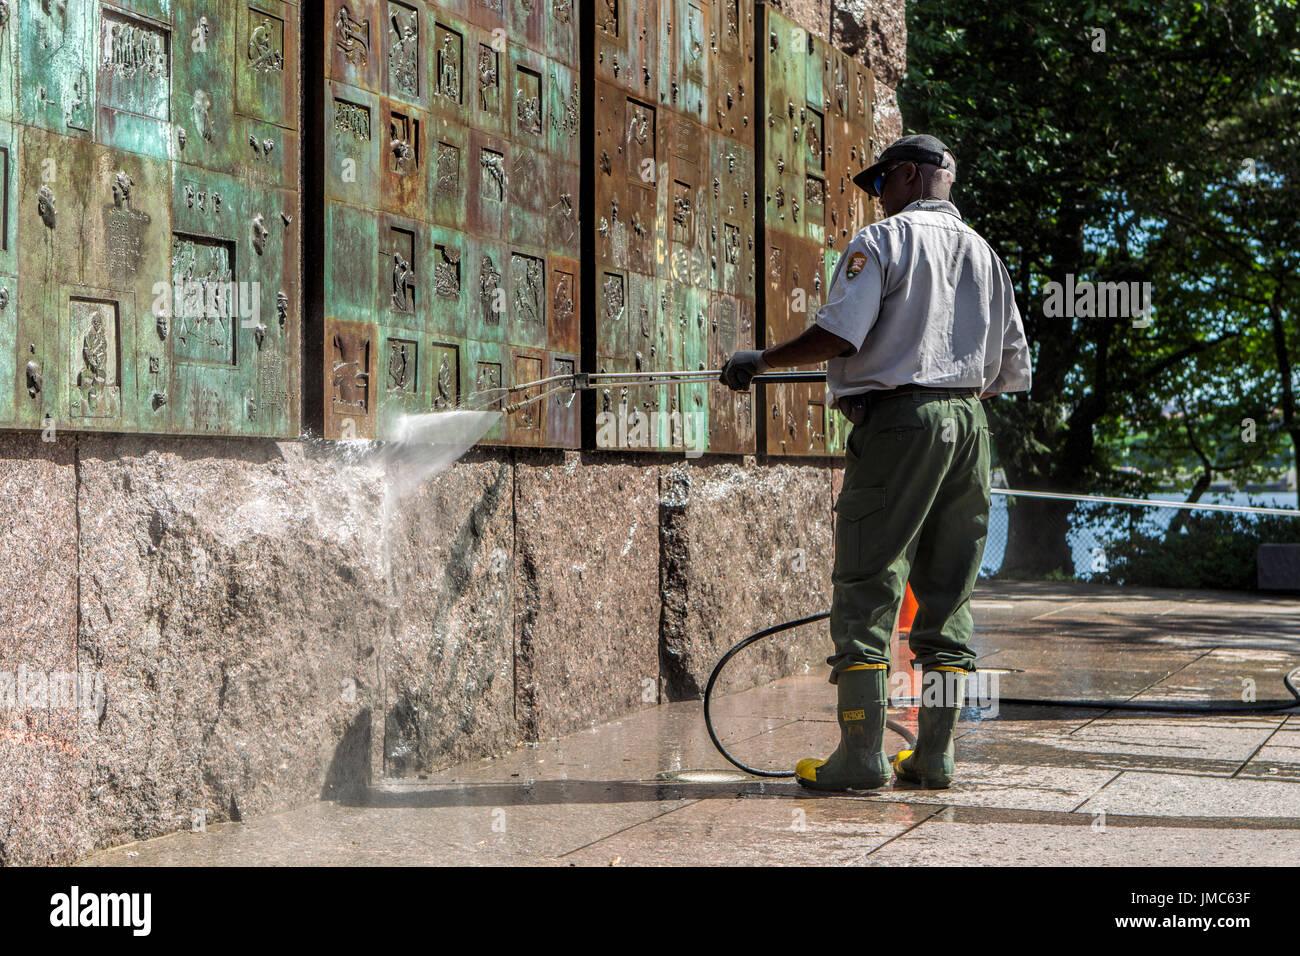 Un éditorial de droit d'un employé du parc puissance de lavage un mur d'un monument à Washington DC. Photo Stock